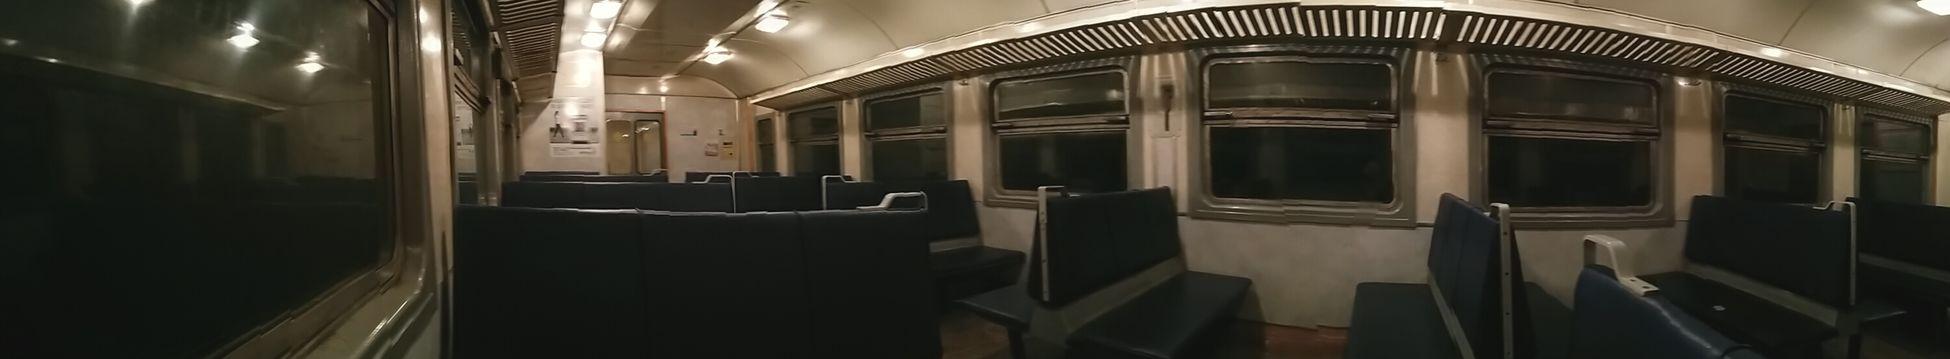 Last Train Home Empty Train